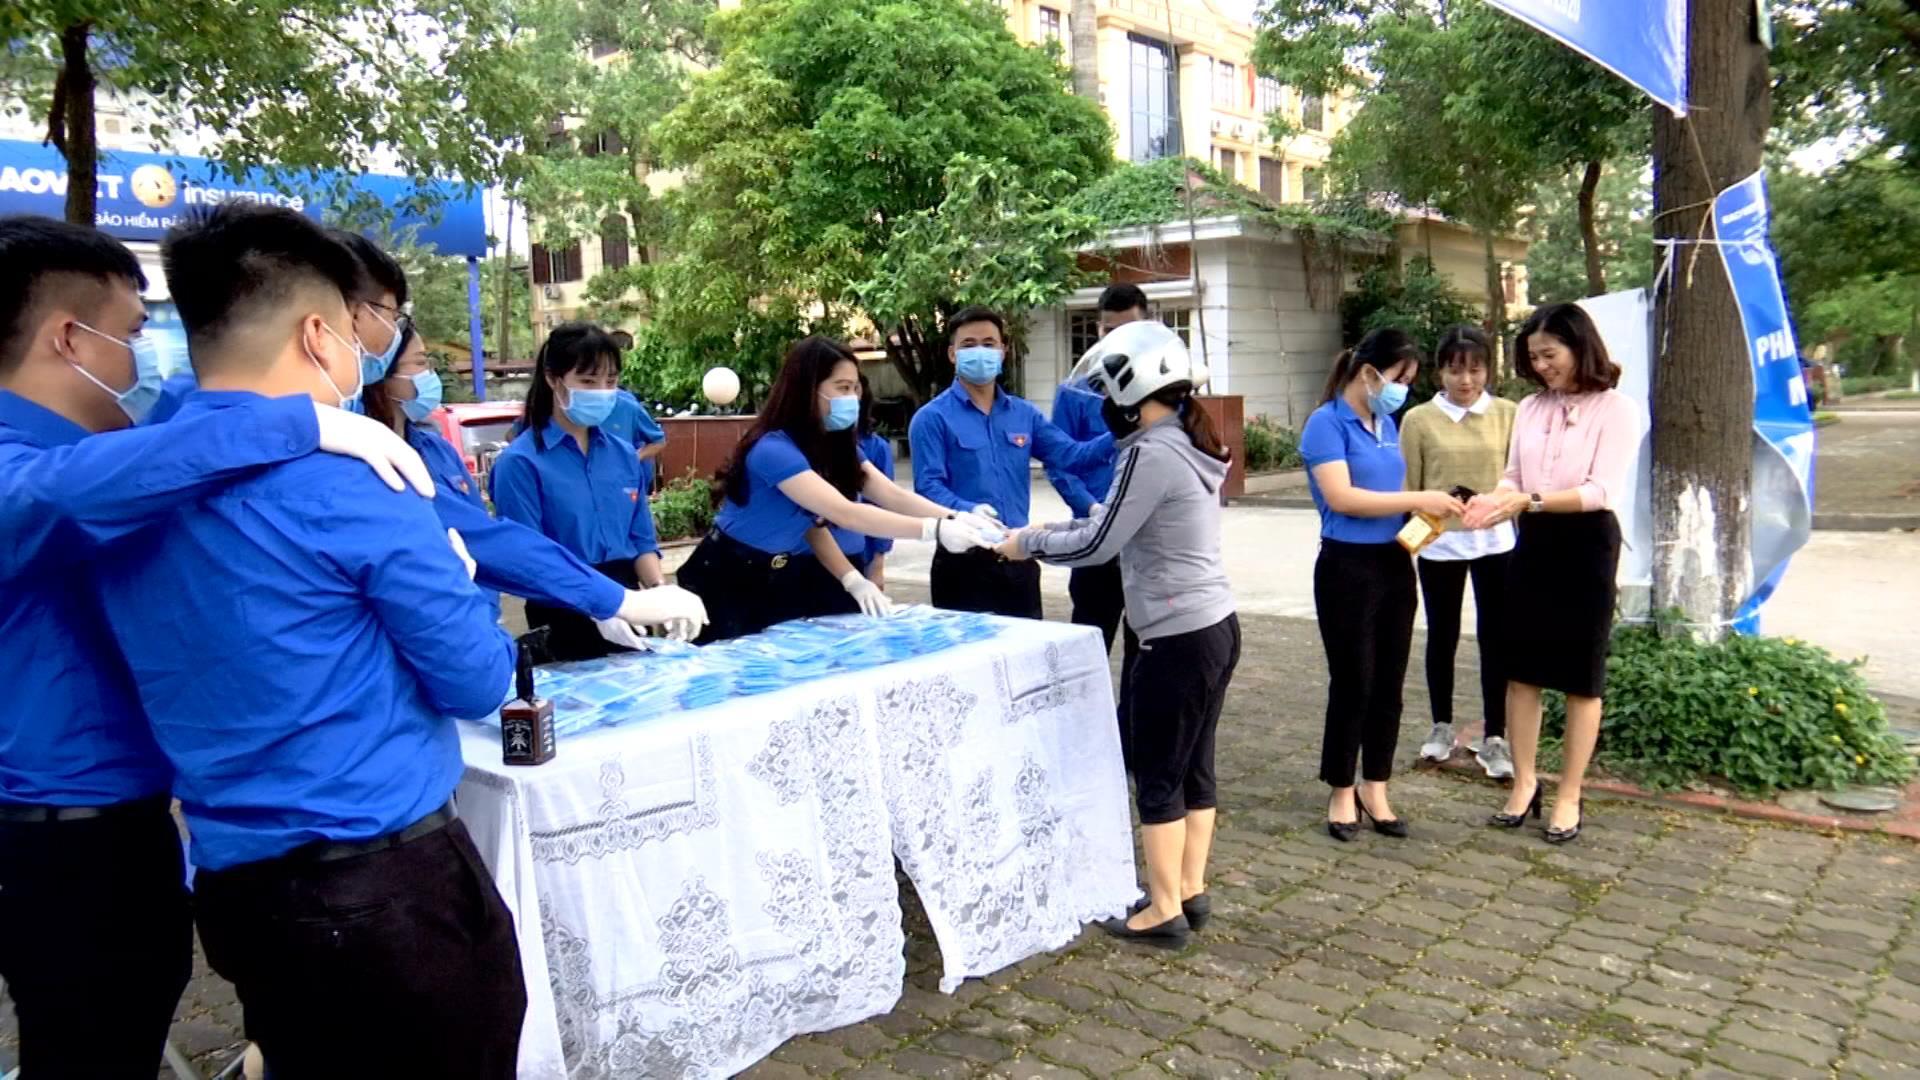 Công ty Bảo hiểm Bảo Việt Bắc Ninh phát 5.000 khẩu trang y tế miễn phí